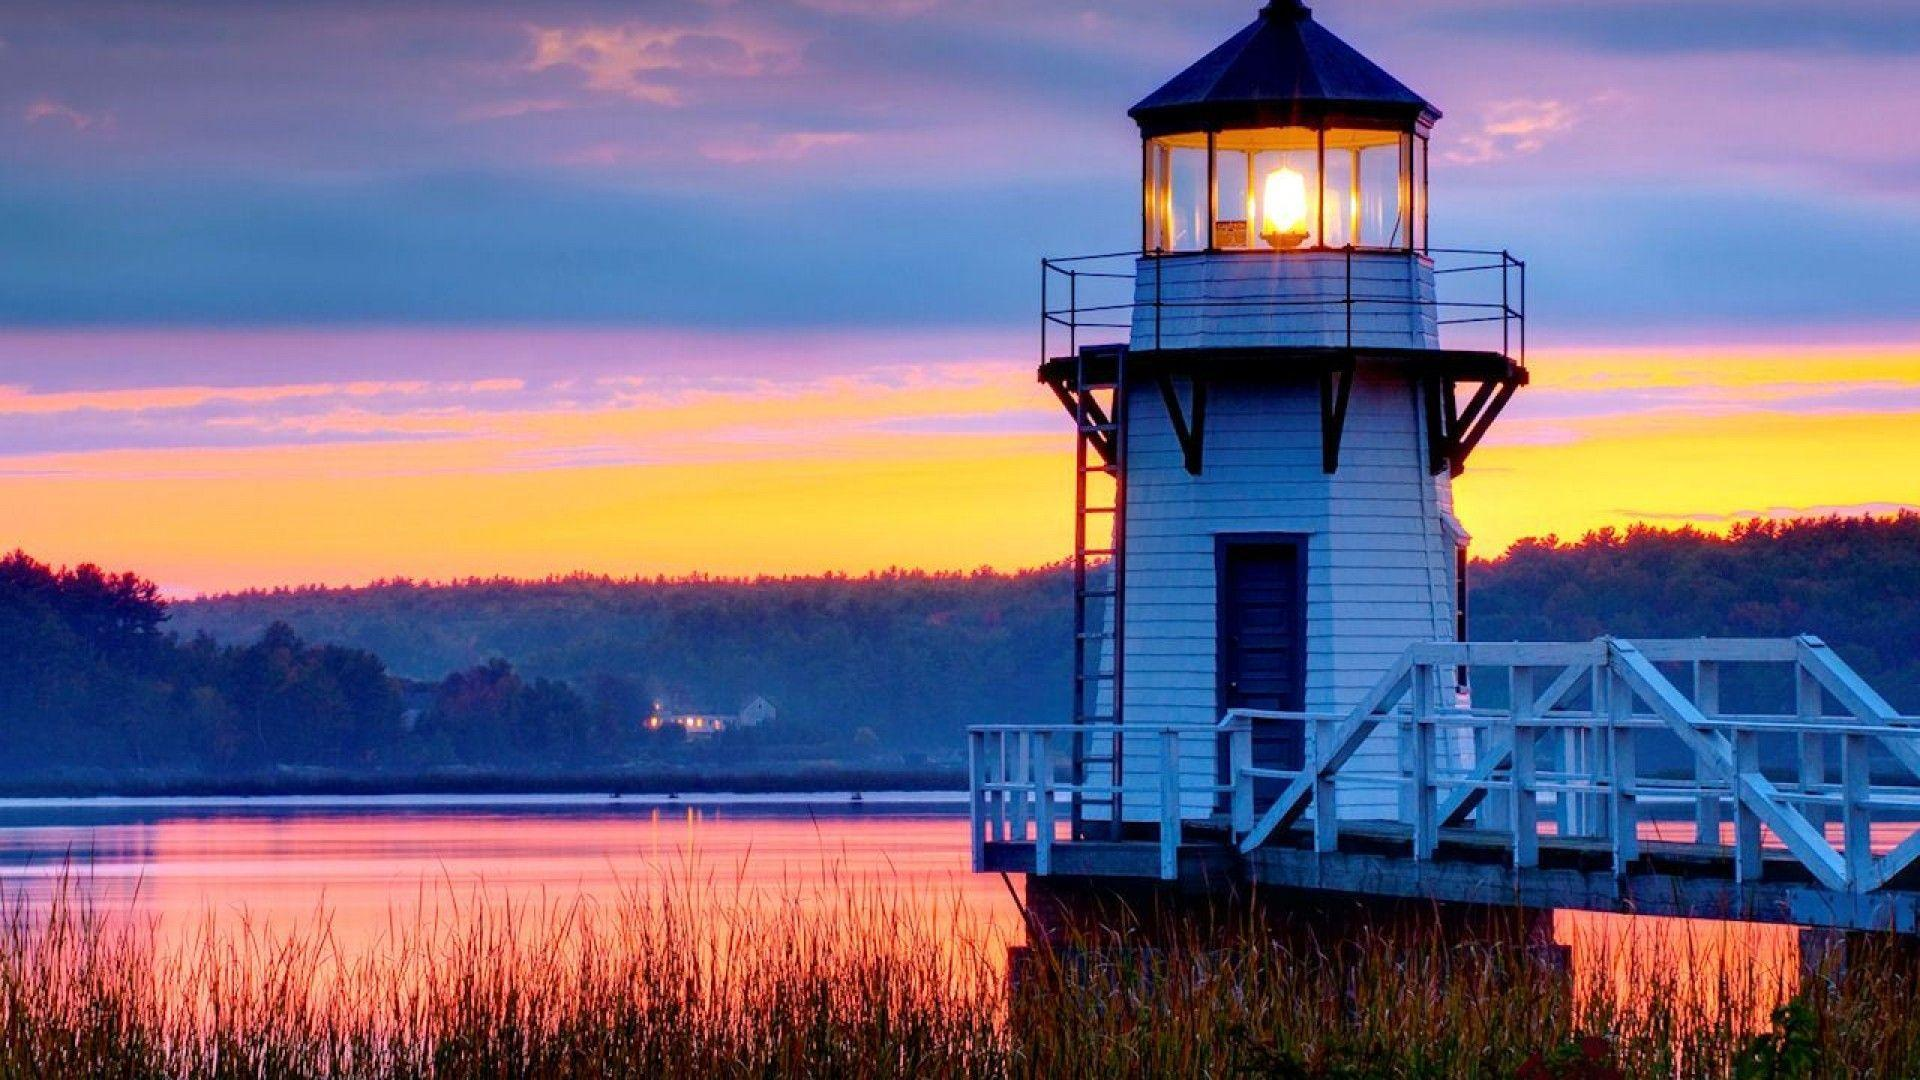 lighthouse wallpaper desktop - photo #9